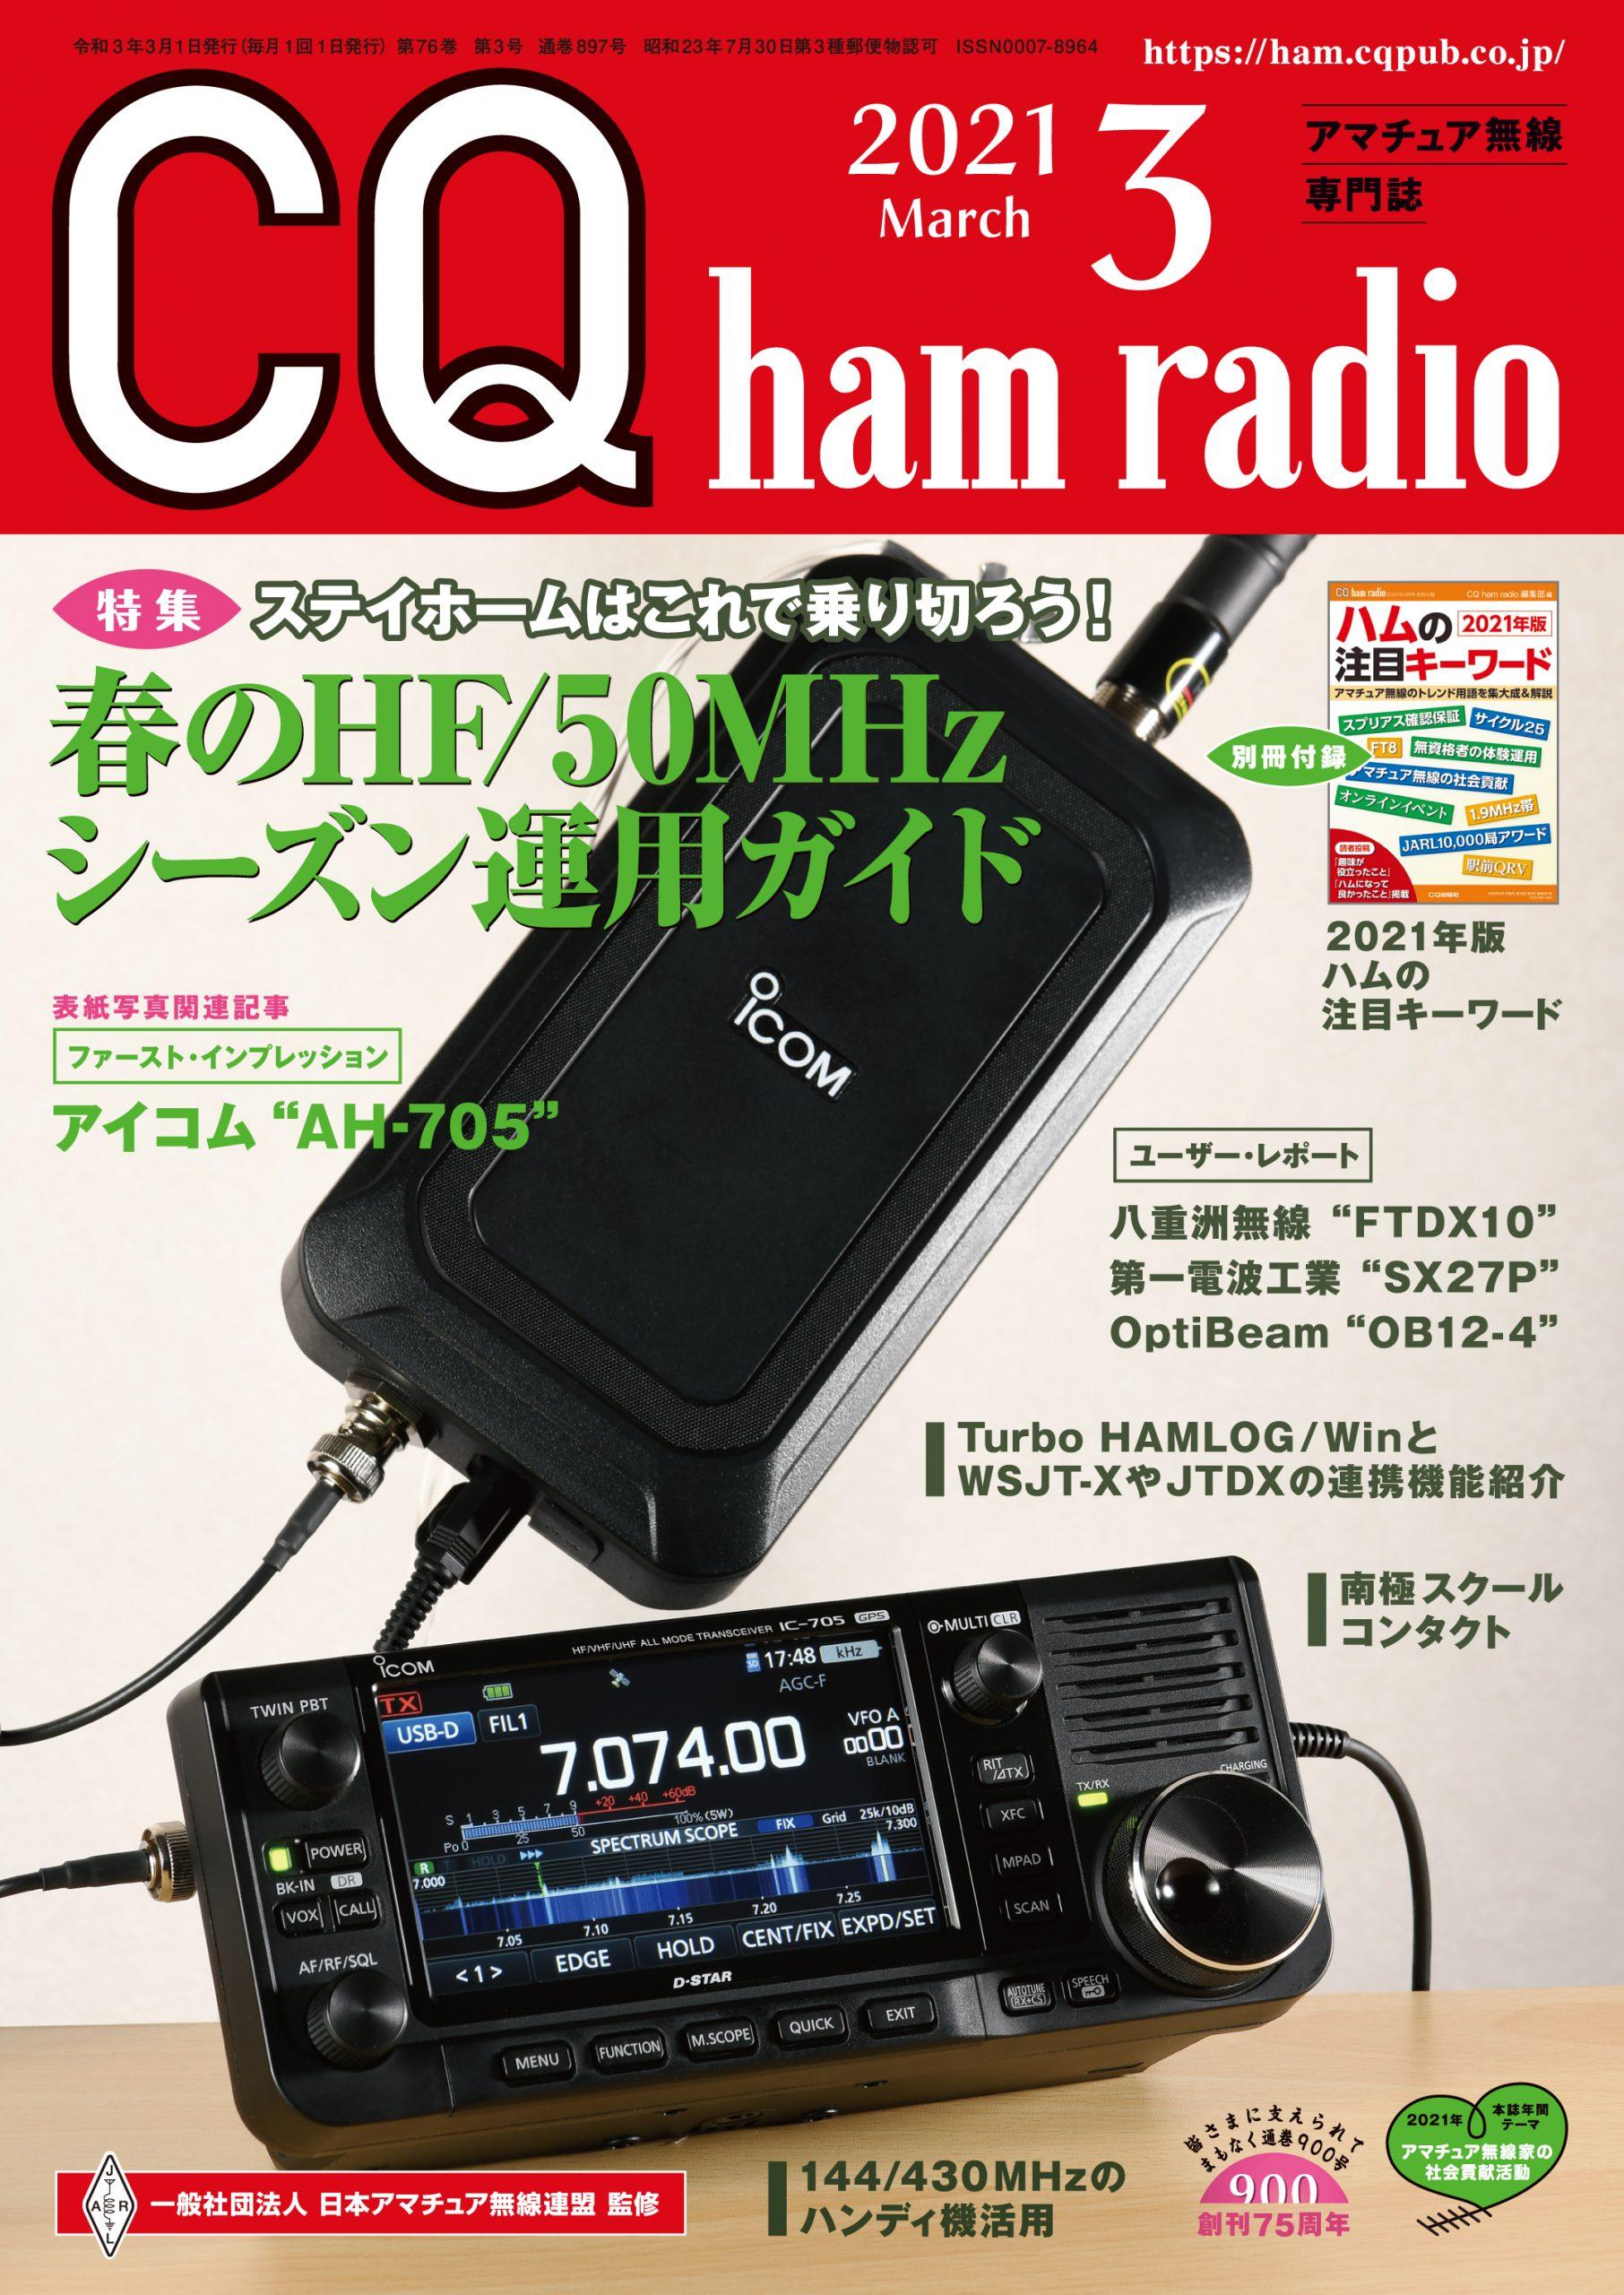 CQ ham radio 2021年 3月号